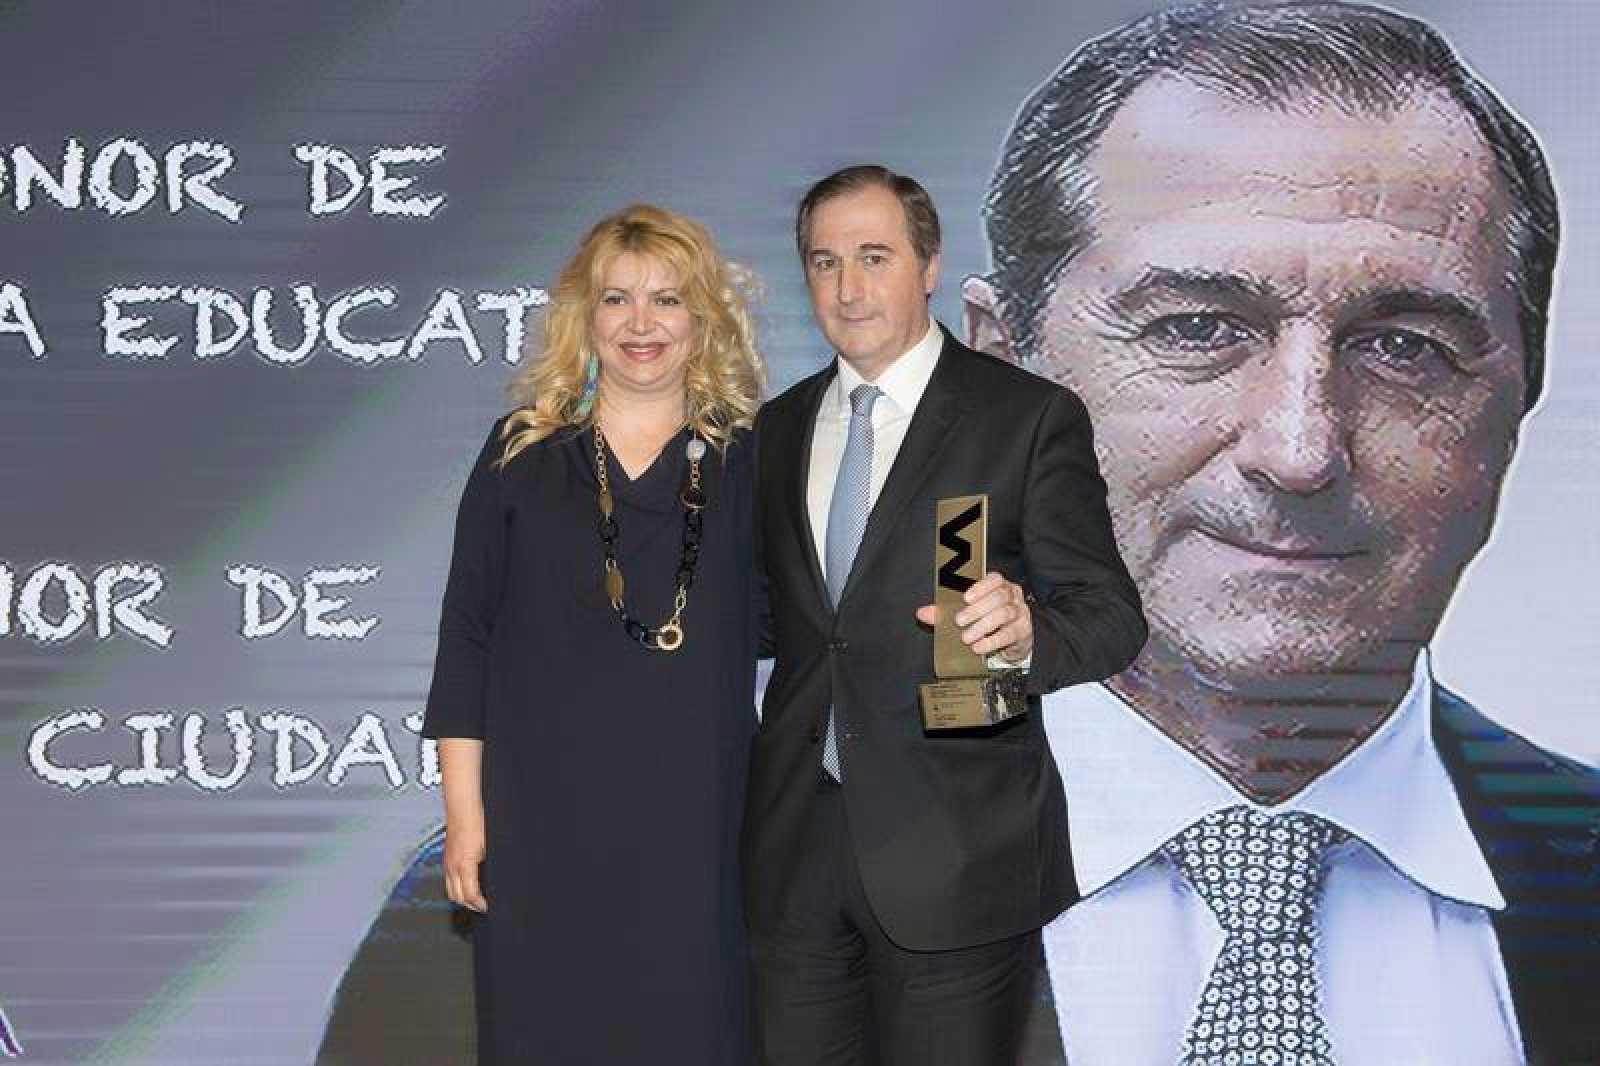 La presidenta de la Fundación Mundo Ciudad, María Cansino, ha entregado el galardón al director de TVE, Eladio Jareño